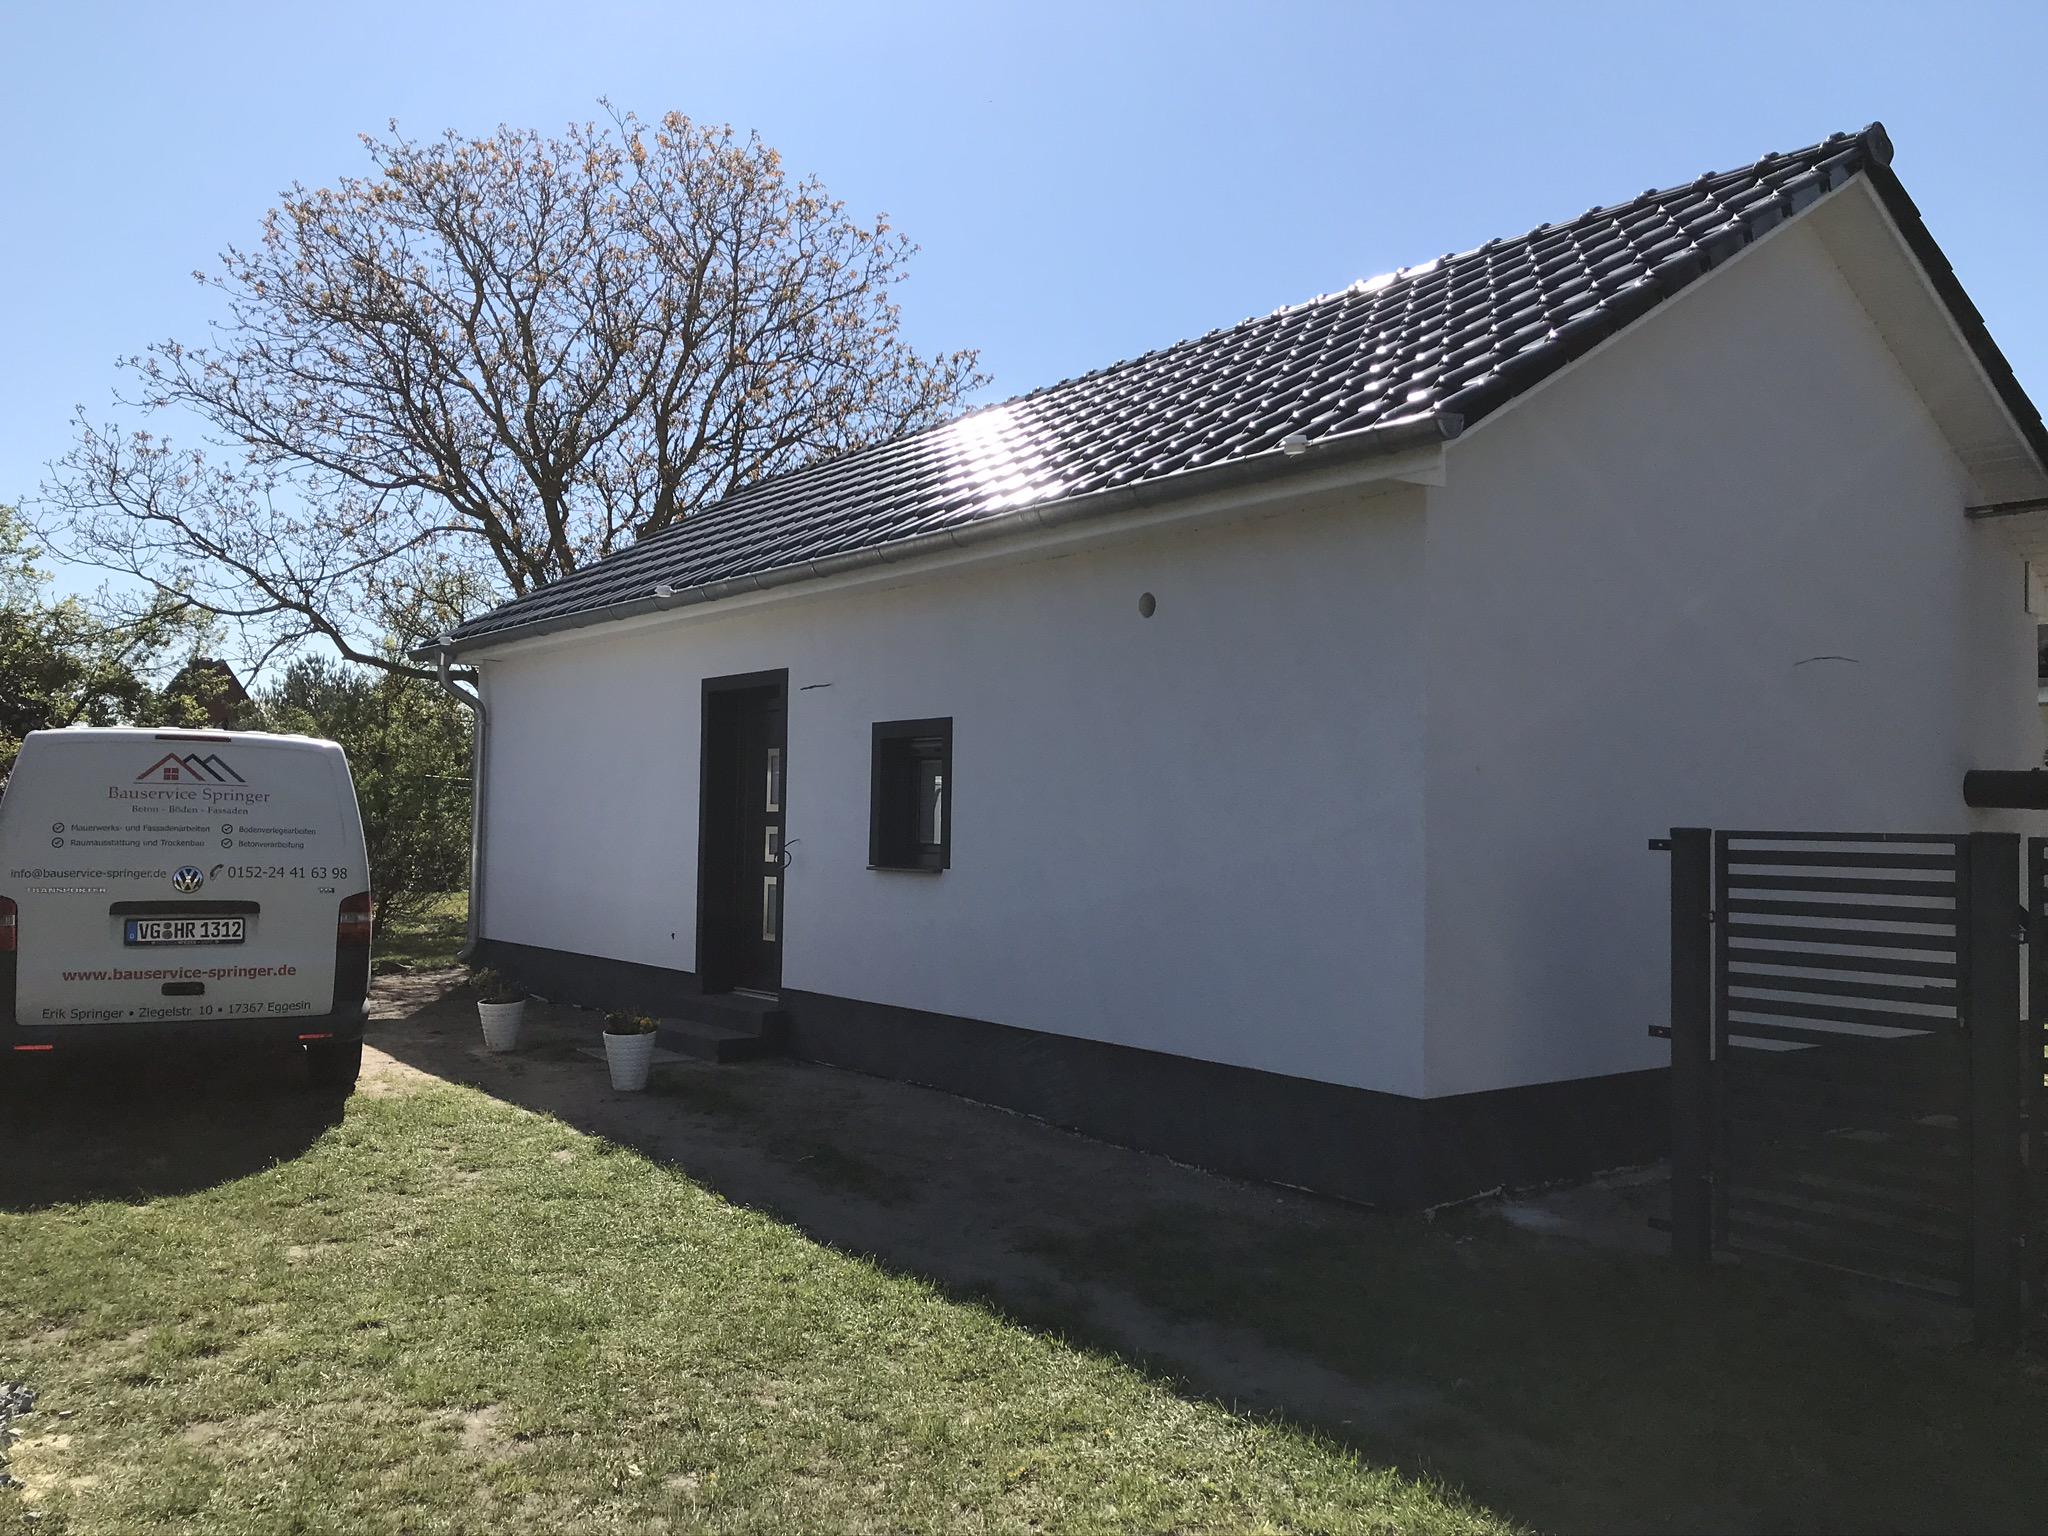 Umbau Garage zum Ferien-Bungalow